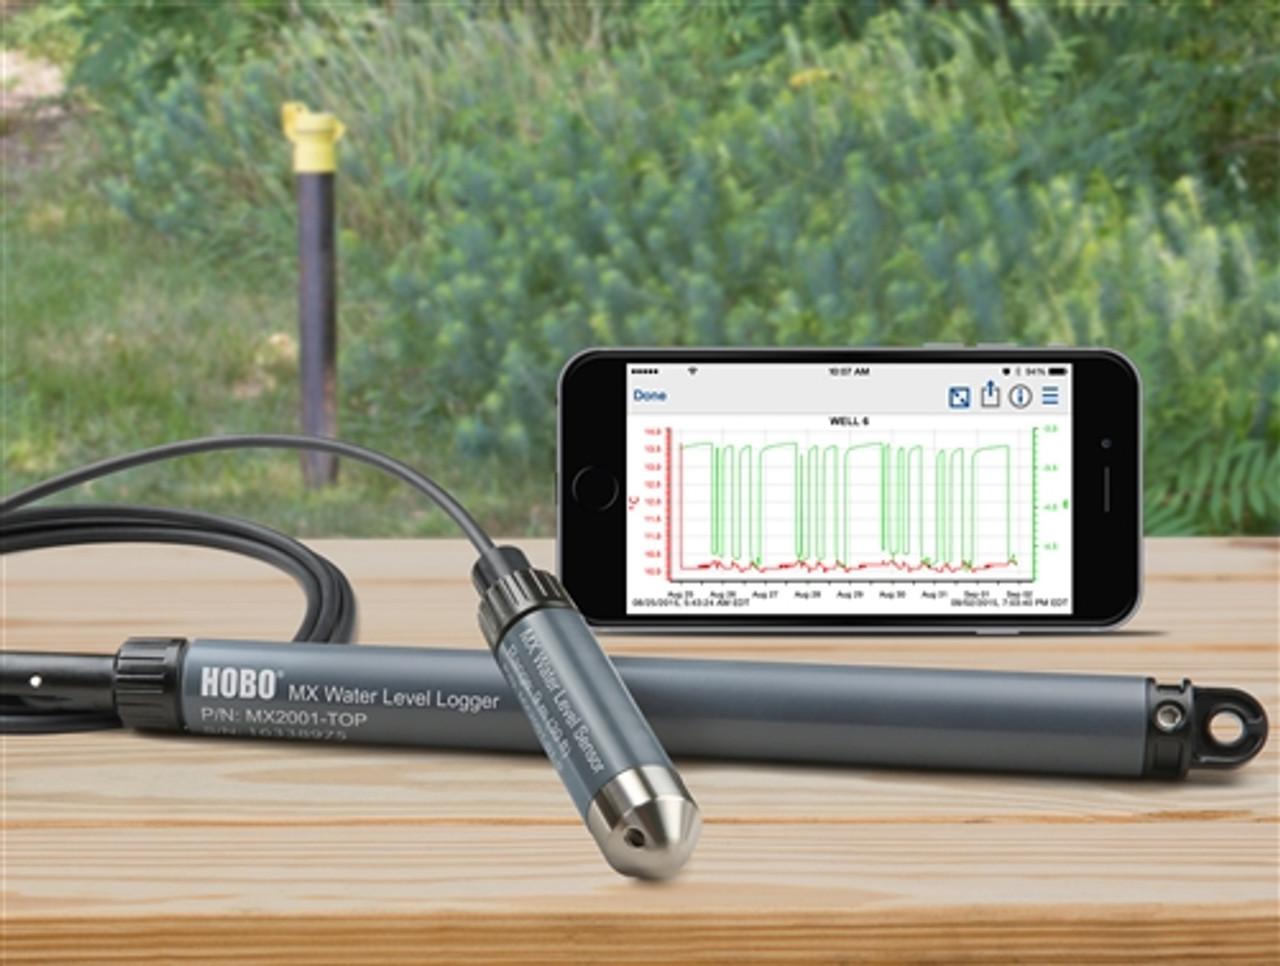 Onset HOBO Bluetooth (BLE) Water Level Data Logger - MX2001-01 (Stainless Steel) - 9 Meter (30') range